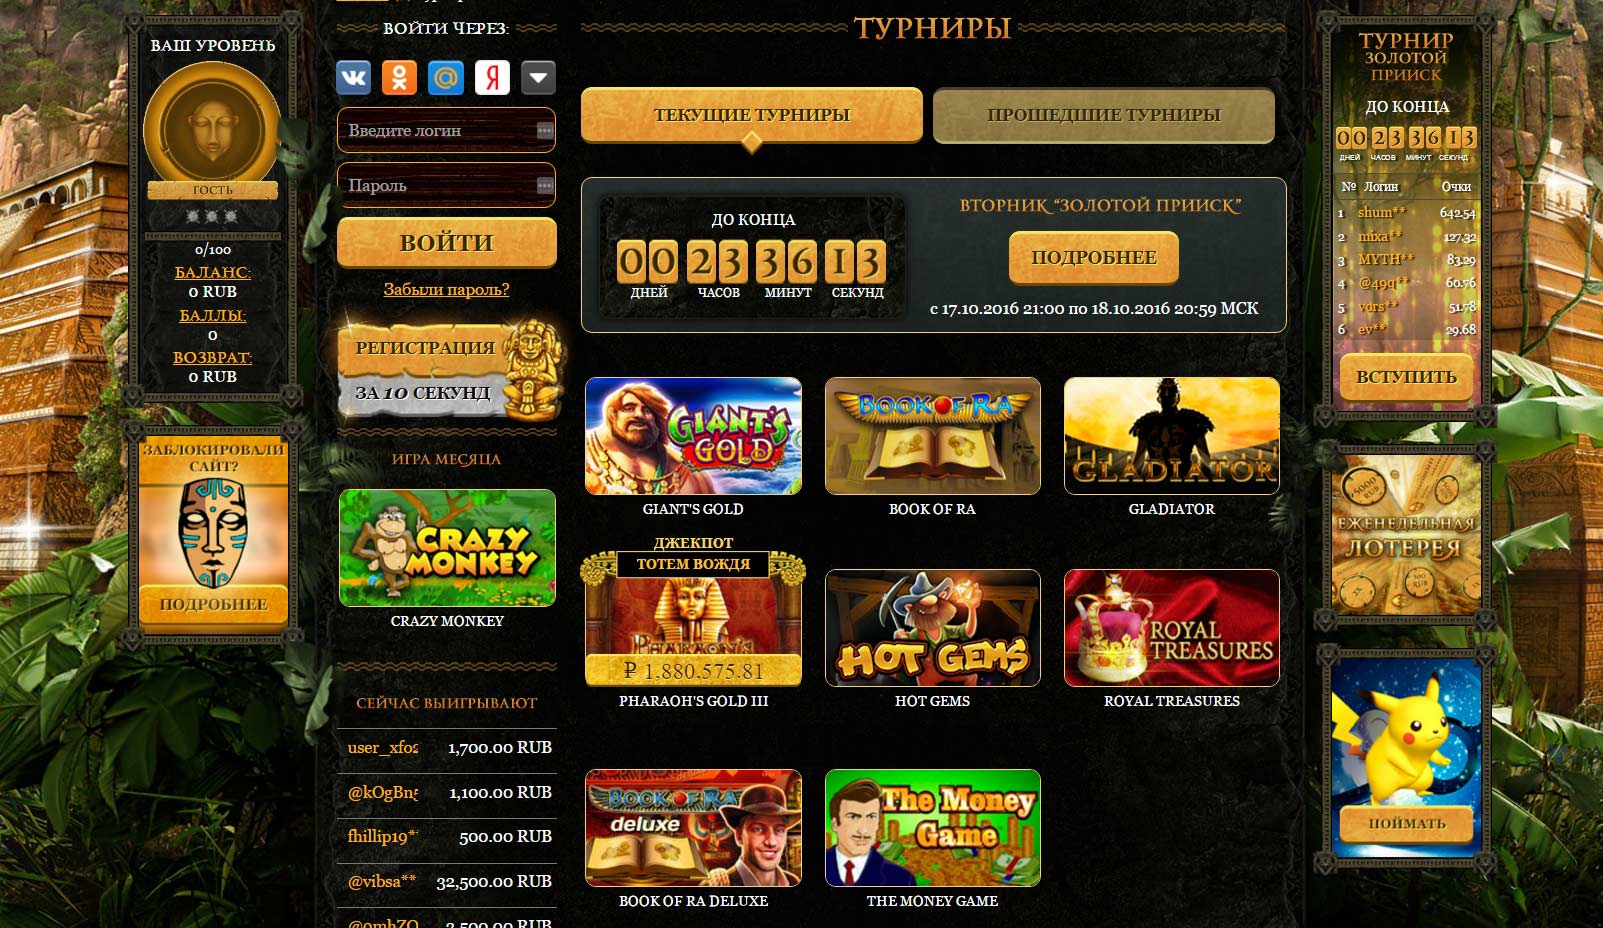 официальный сайт eldorado казино зеркало